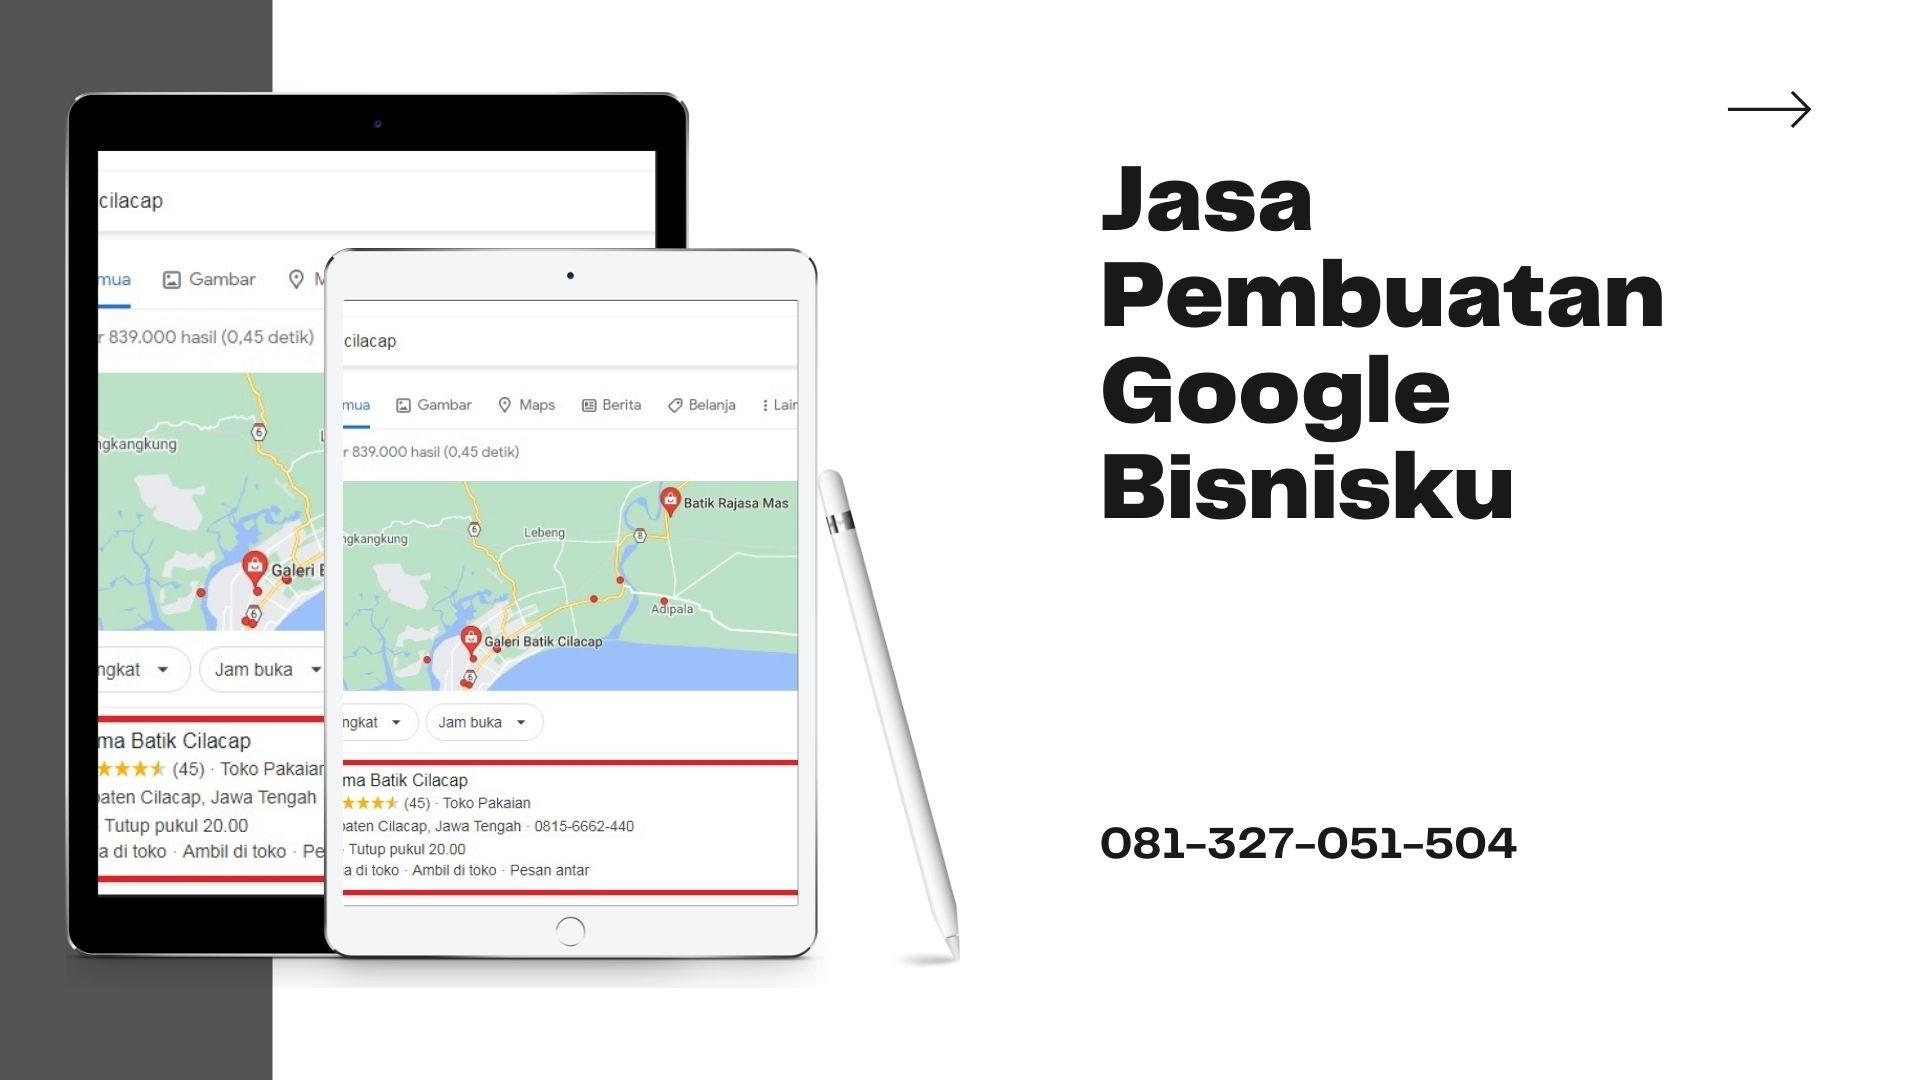 Pesan Jasa Pembuatan Google Bisnisku